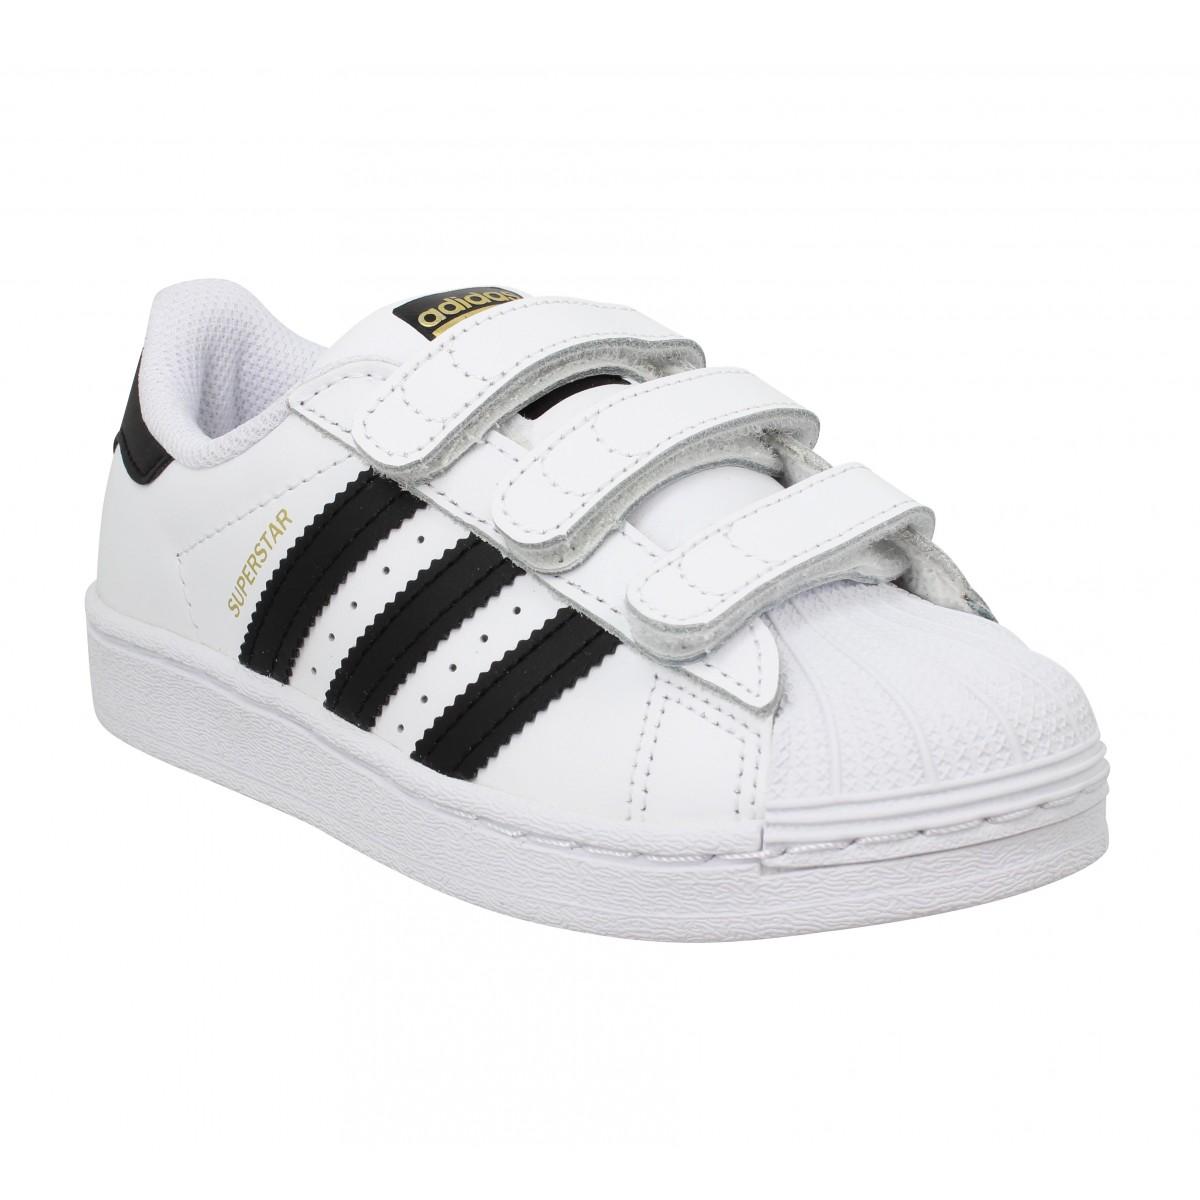 Baskets ADIDAS Superstar EF4838 cuir Enfant Blanc Noir